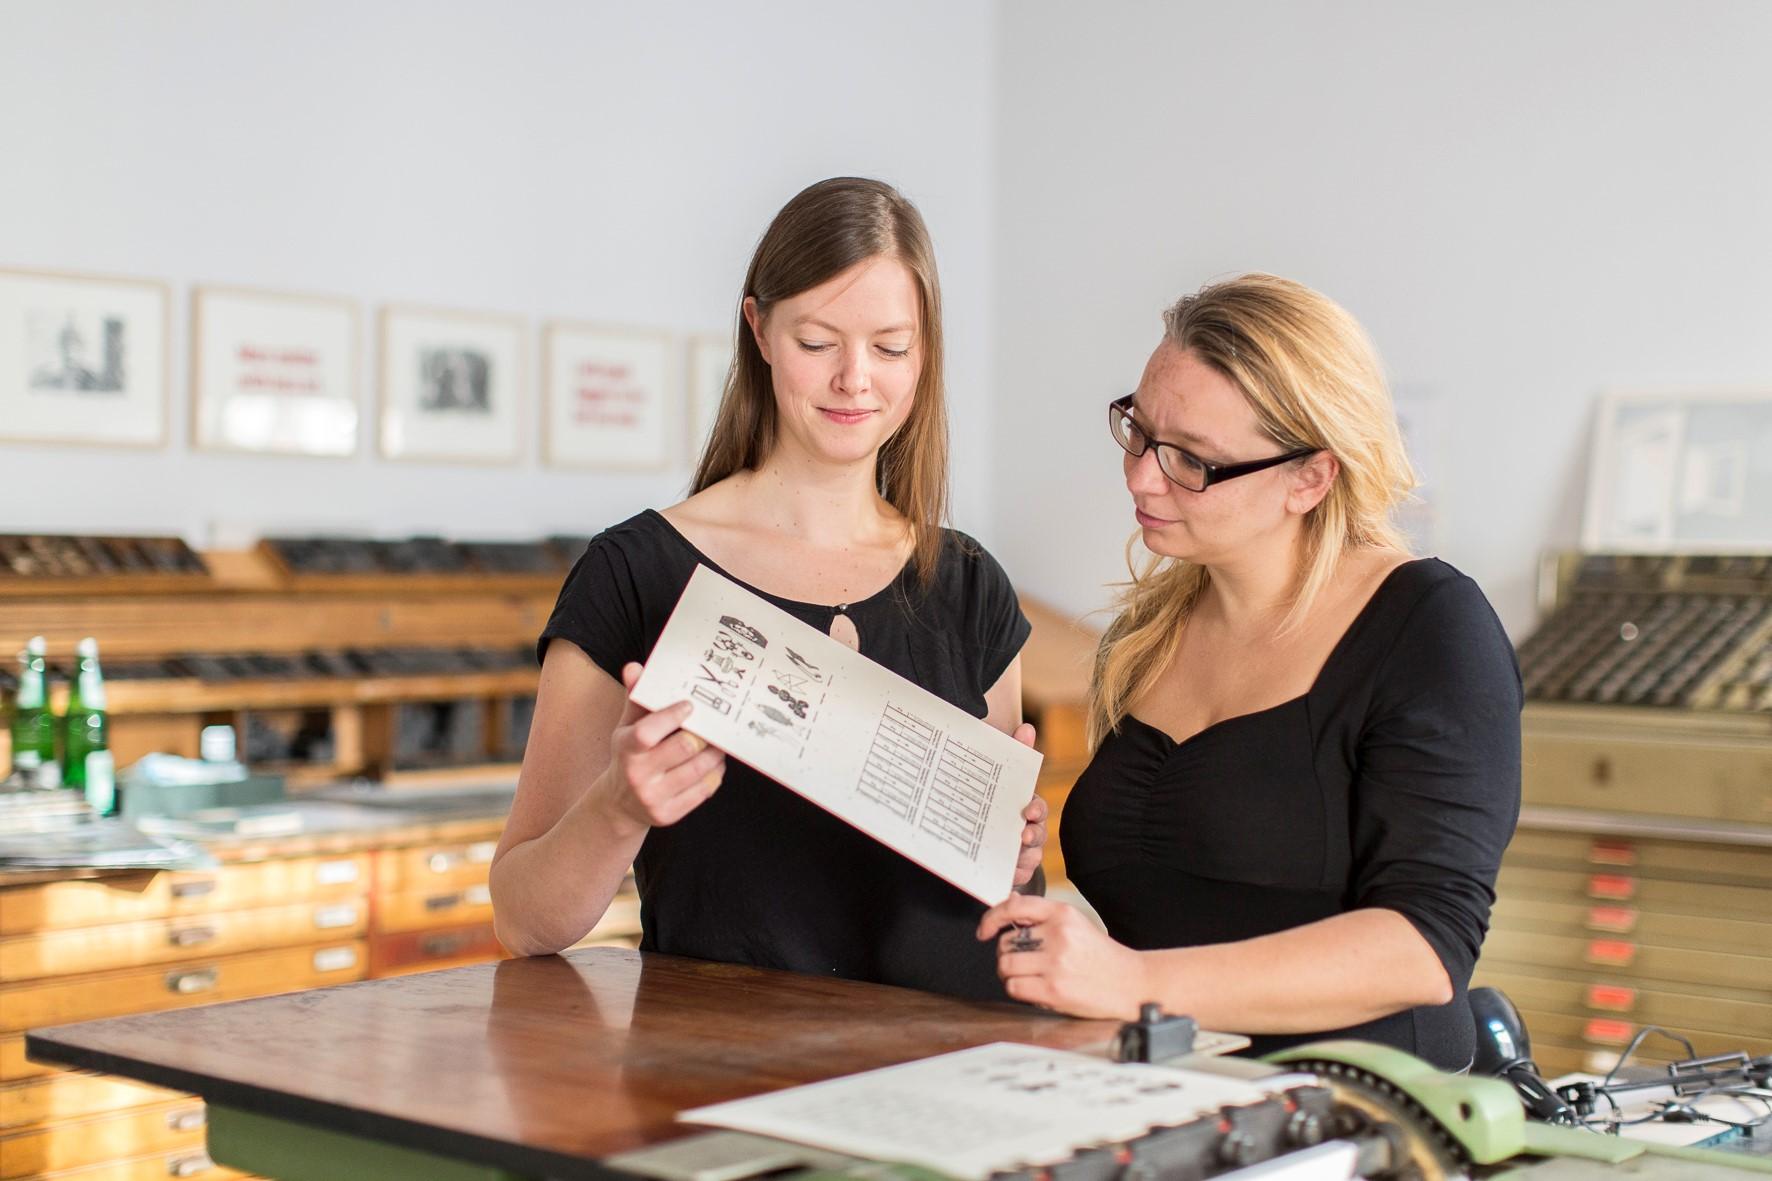 Annegret Rouél und Kathleen Hirschnitz mit dem Andruck der ersten KUNSTWIEGEKARTEN in der Druckwerkstatt des book art center halle. Foto: Matthias Ritzmann.